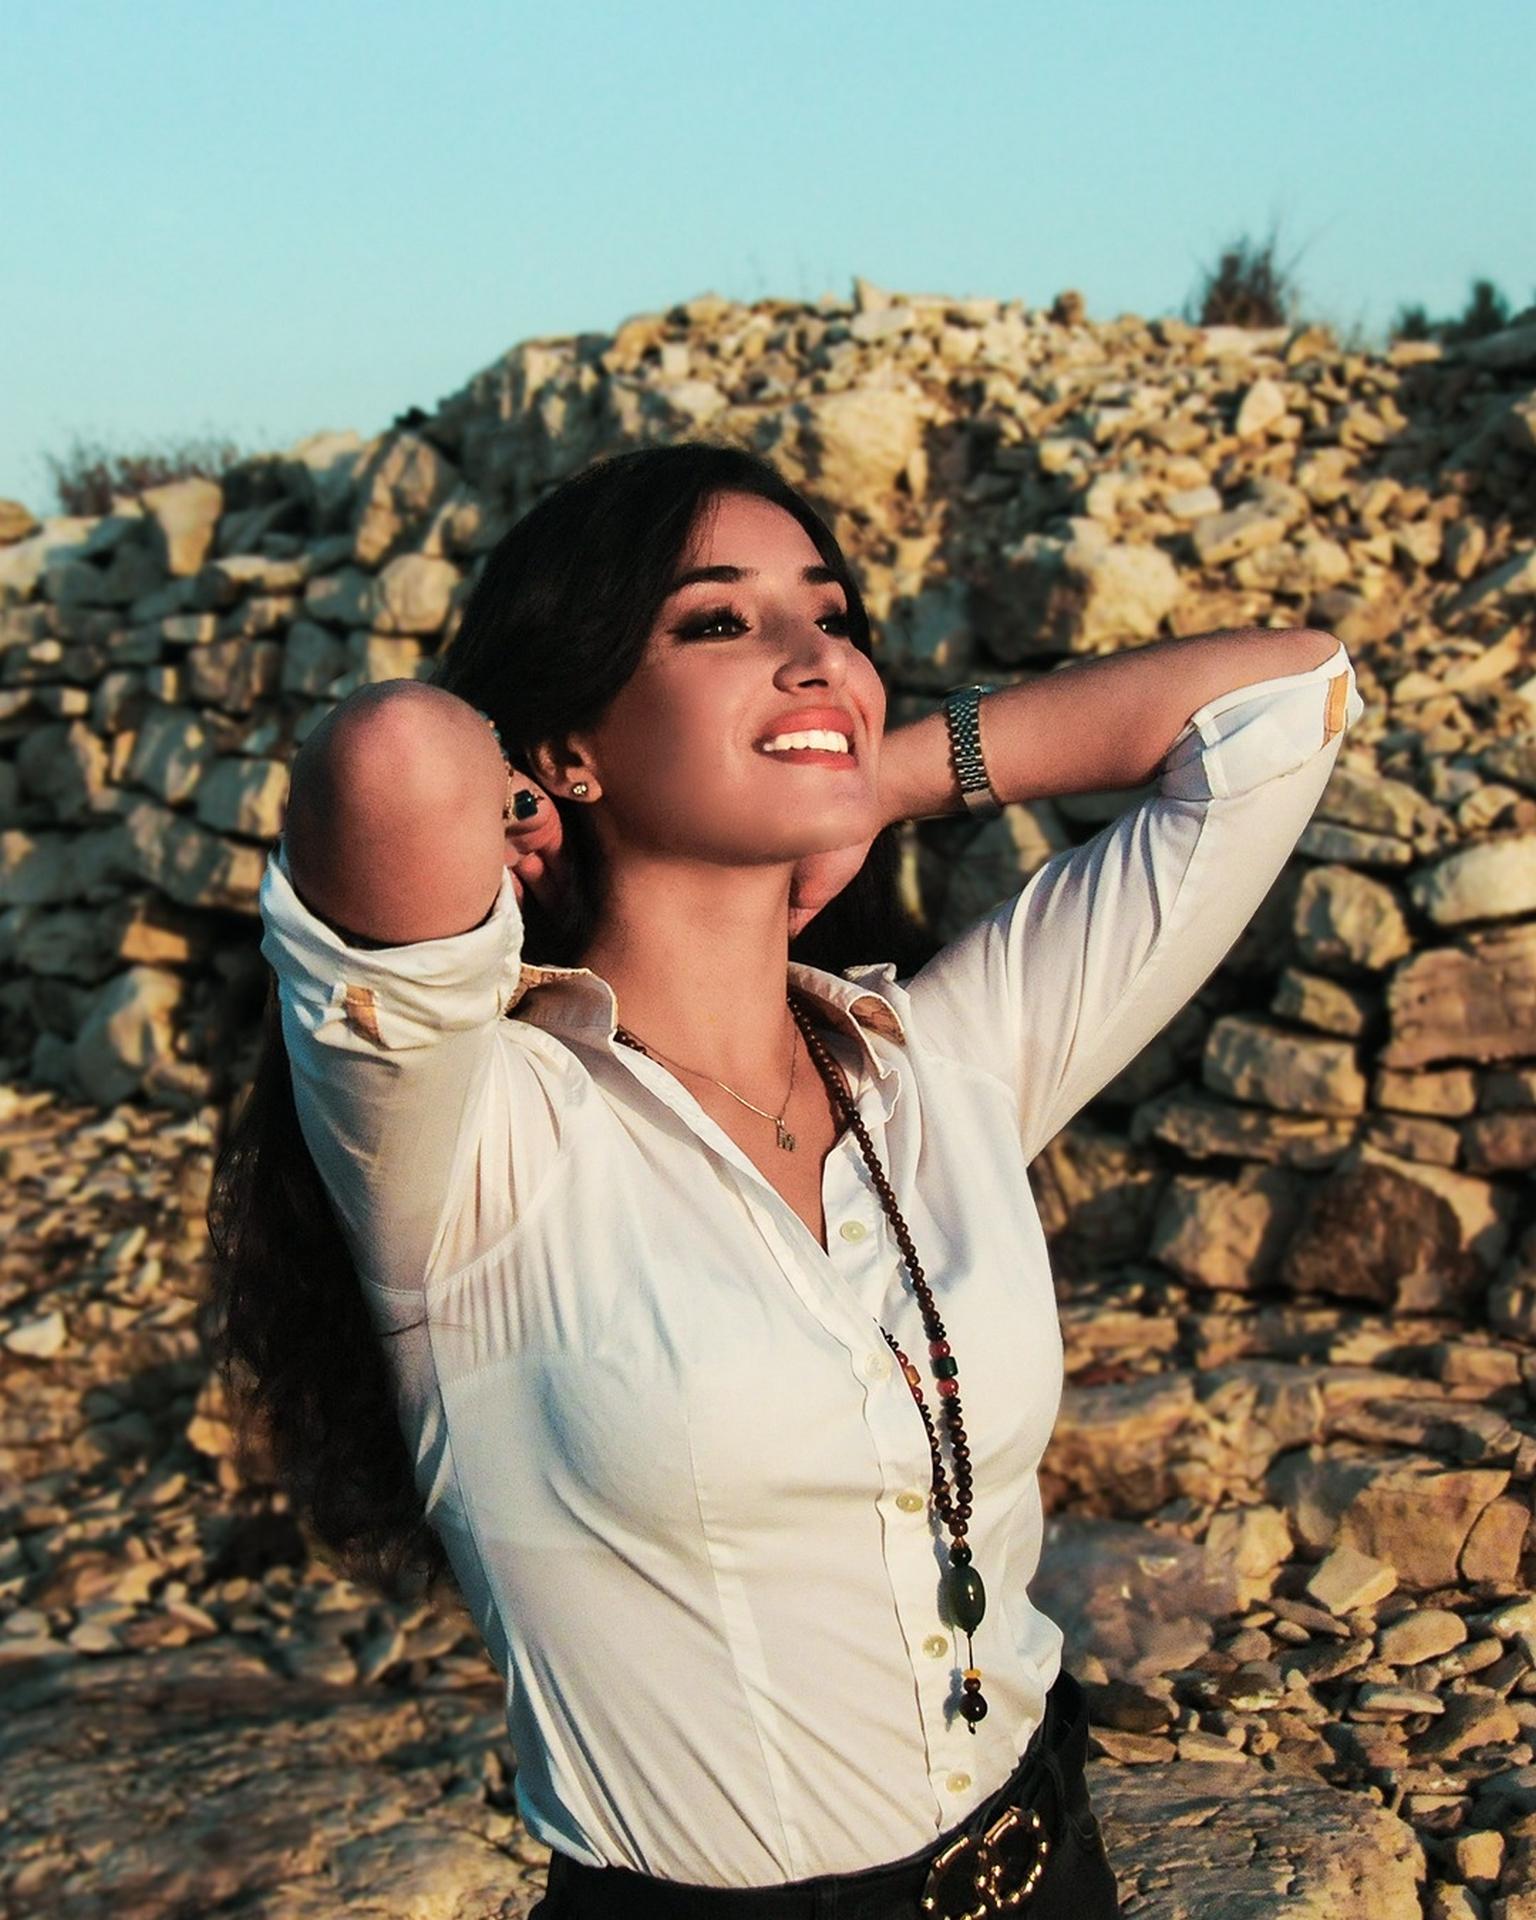 Monica Azzollini Promoter|Hostess|Fotomodella|Modella|